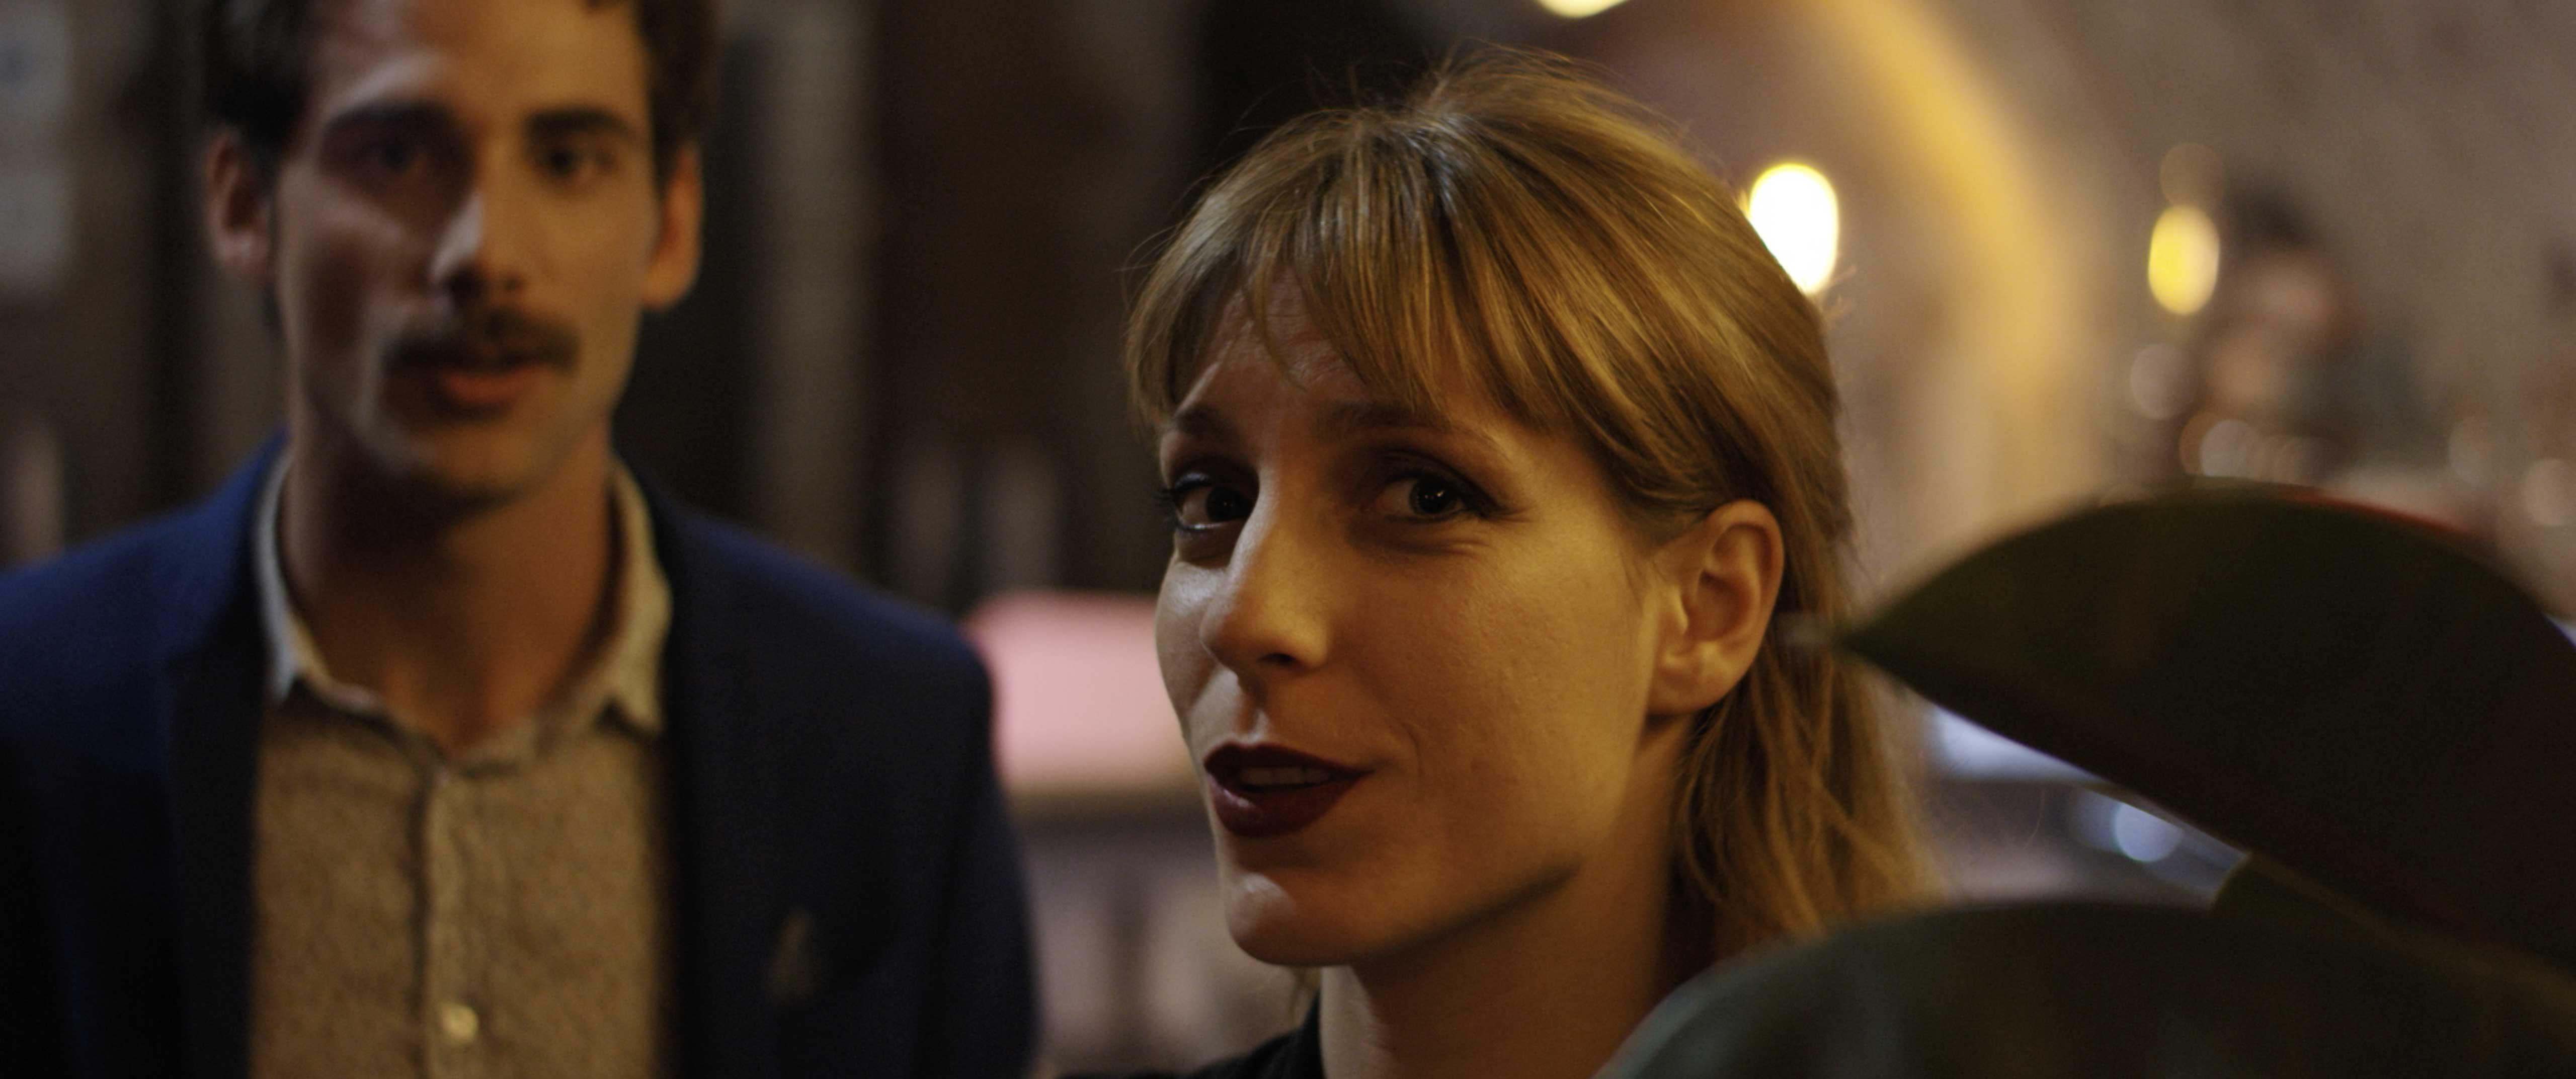 Anna Canale e Matteo Sintucci